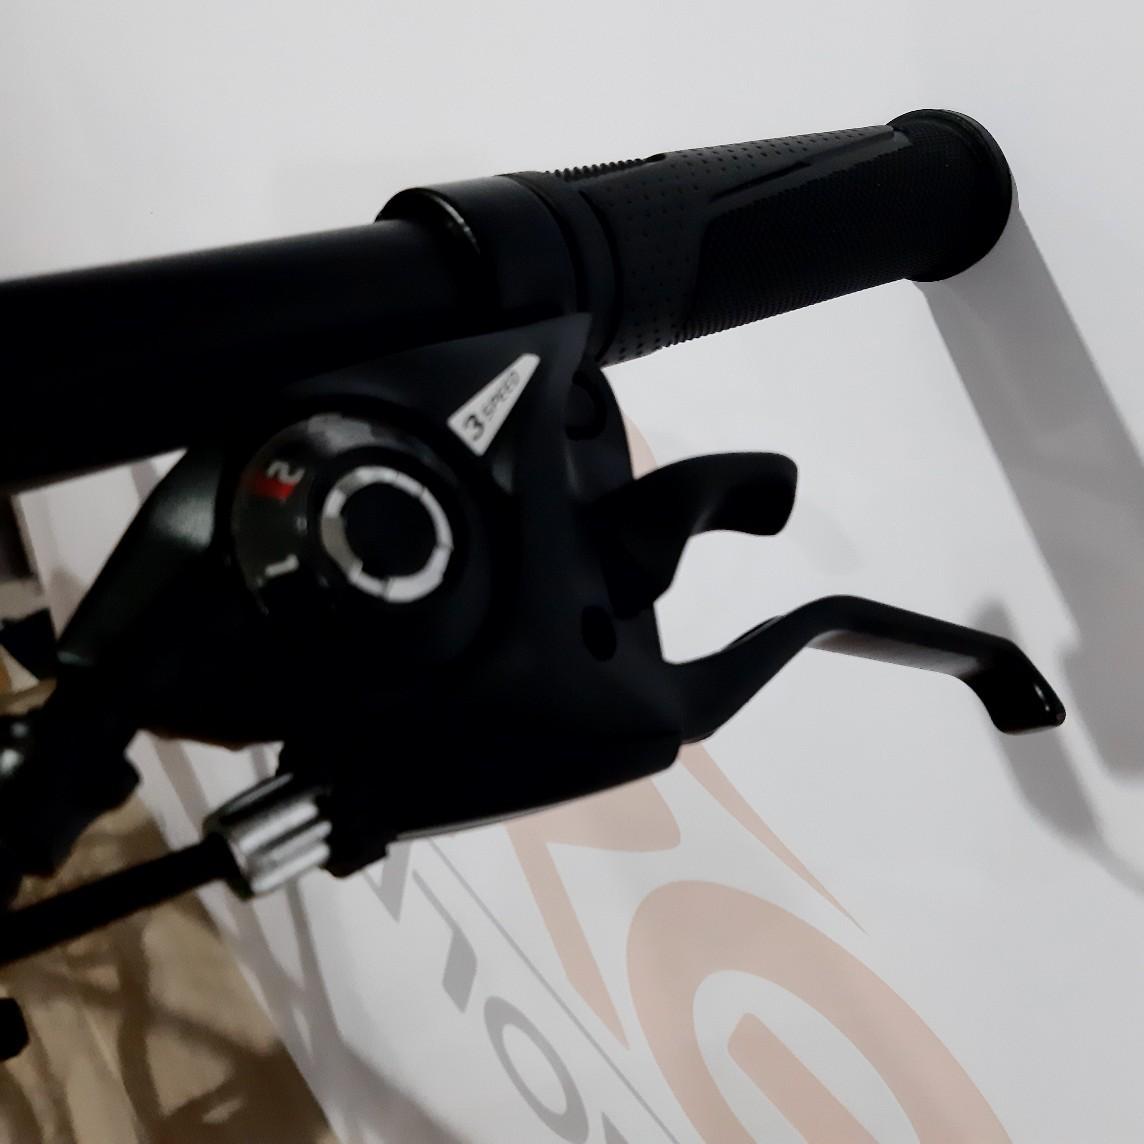 Bicicleta HIGH ONE Neo aro 29 - 21v GTA - Freio a Disco - Suspensão HLND